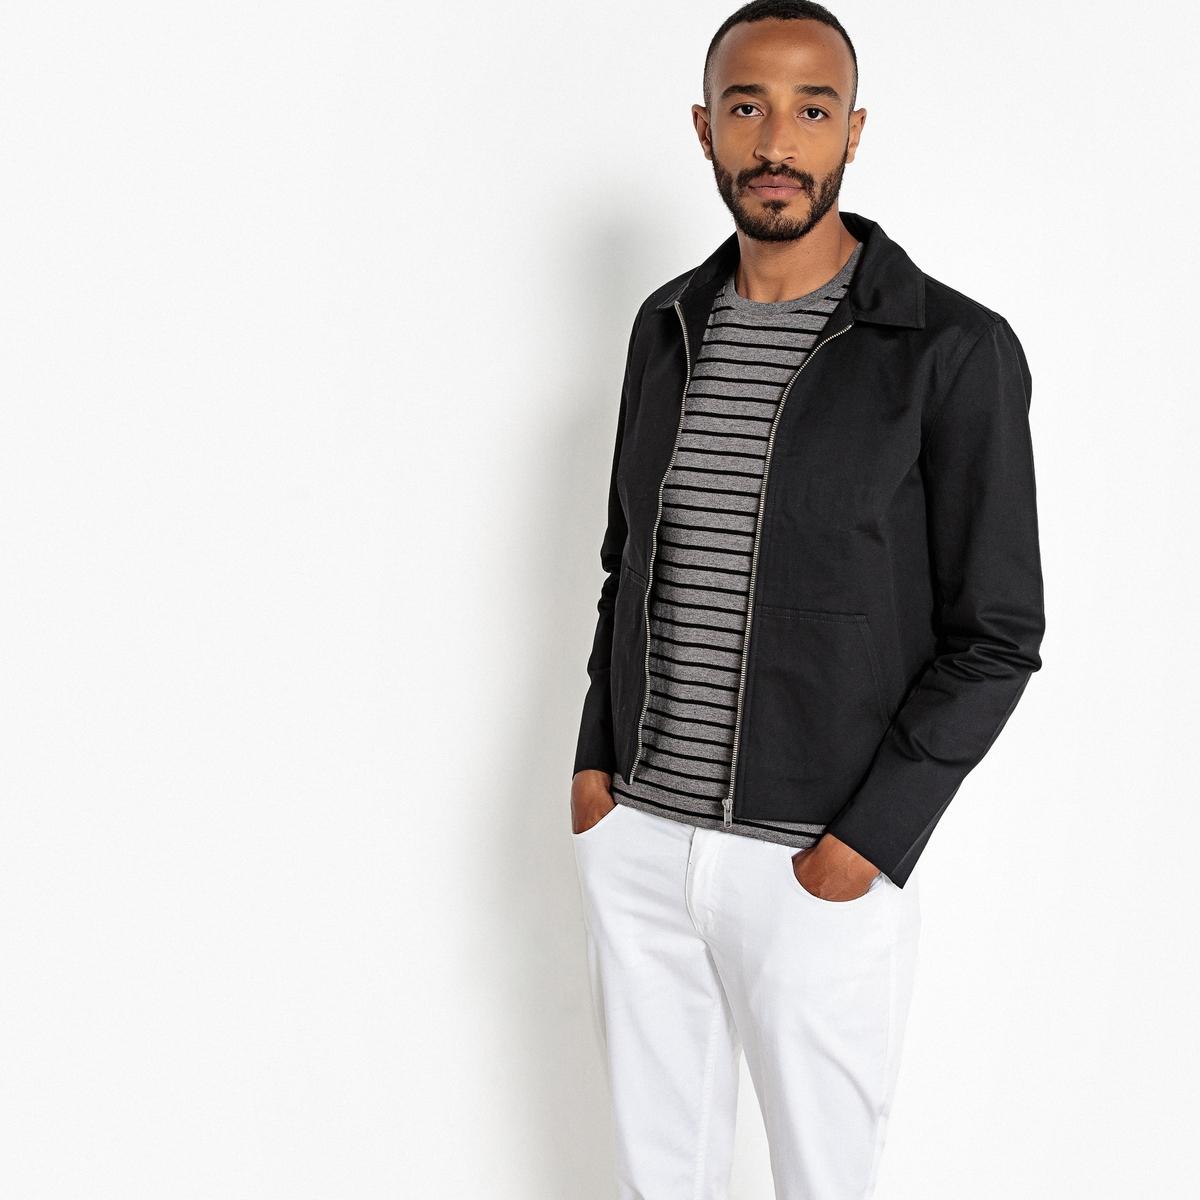 Блузон La Redoute Короткий с рубашечным воротником S черный